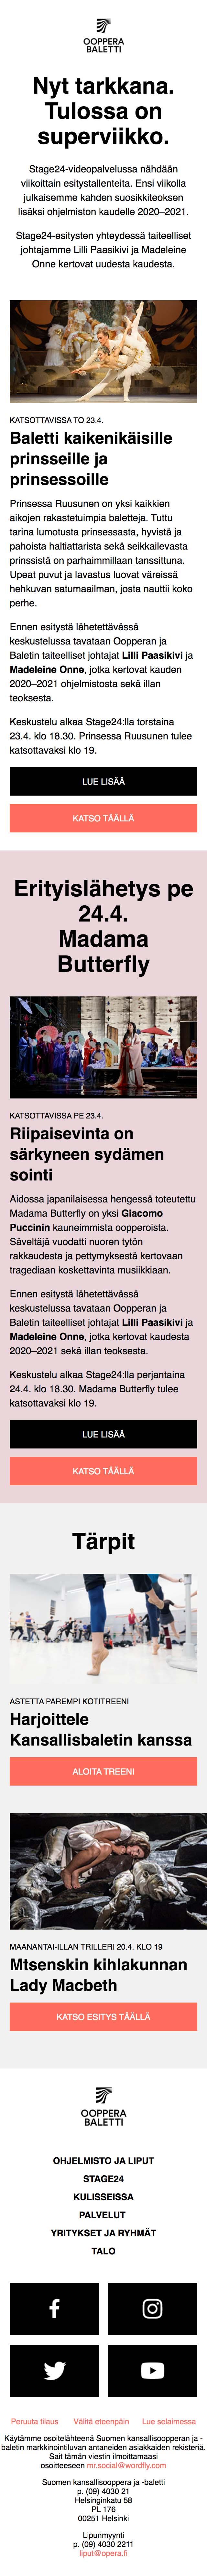 Tulossa superviikko: uuden kauden julkistus ja Prinsessa Ruusunen - mobile view